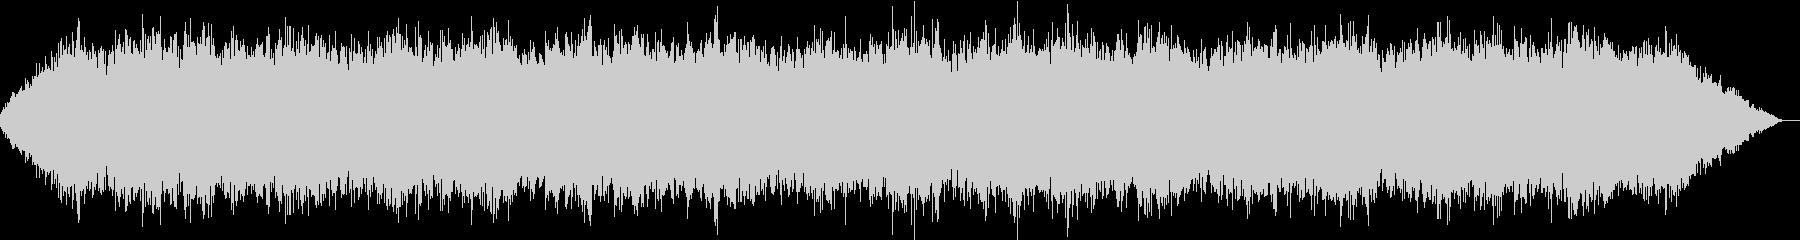 自然音とソウルヒーリング -浄化-の未再生の波形